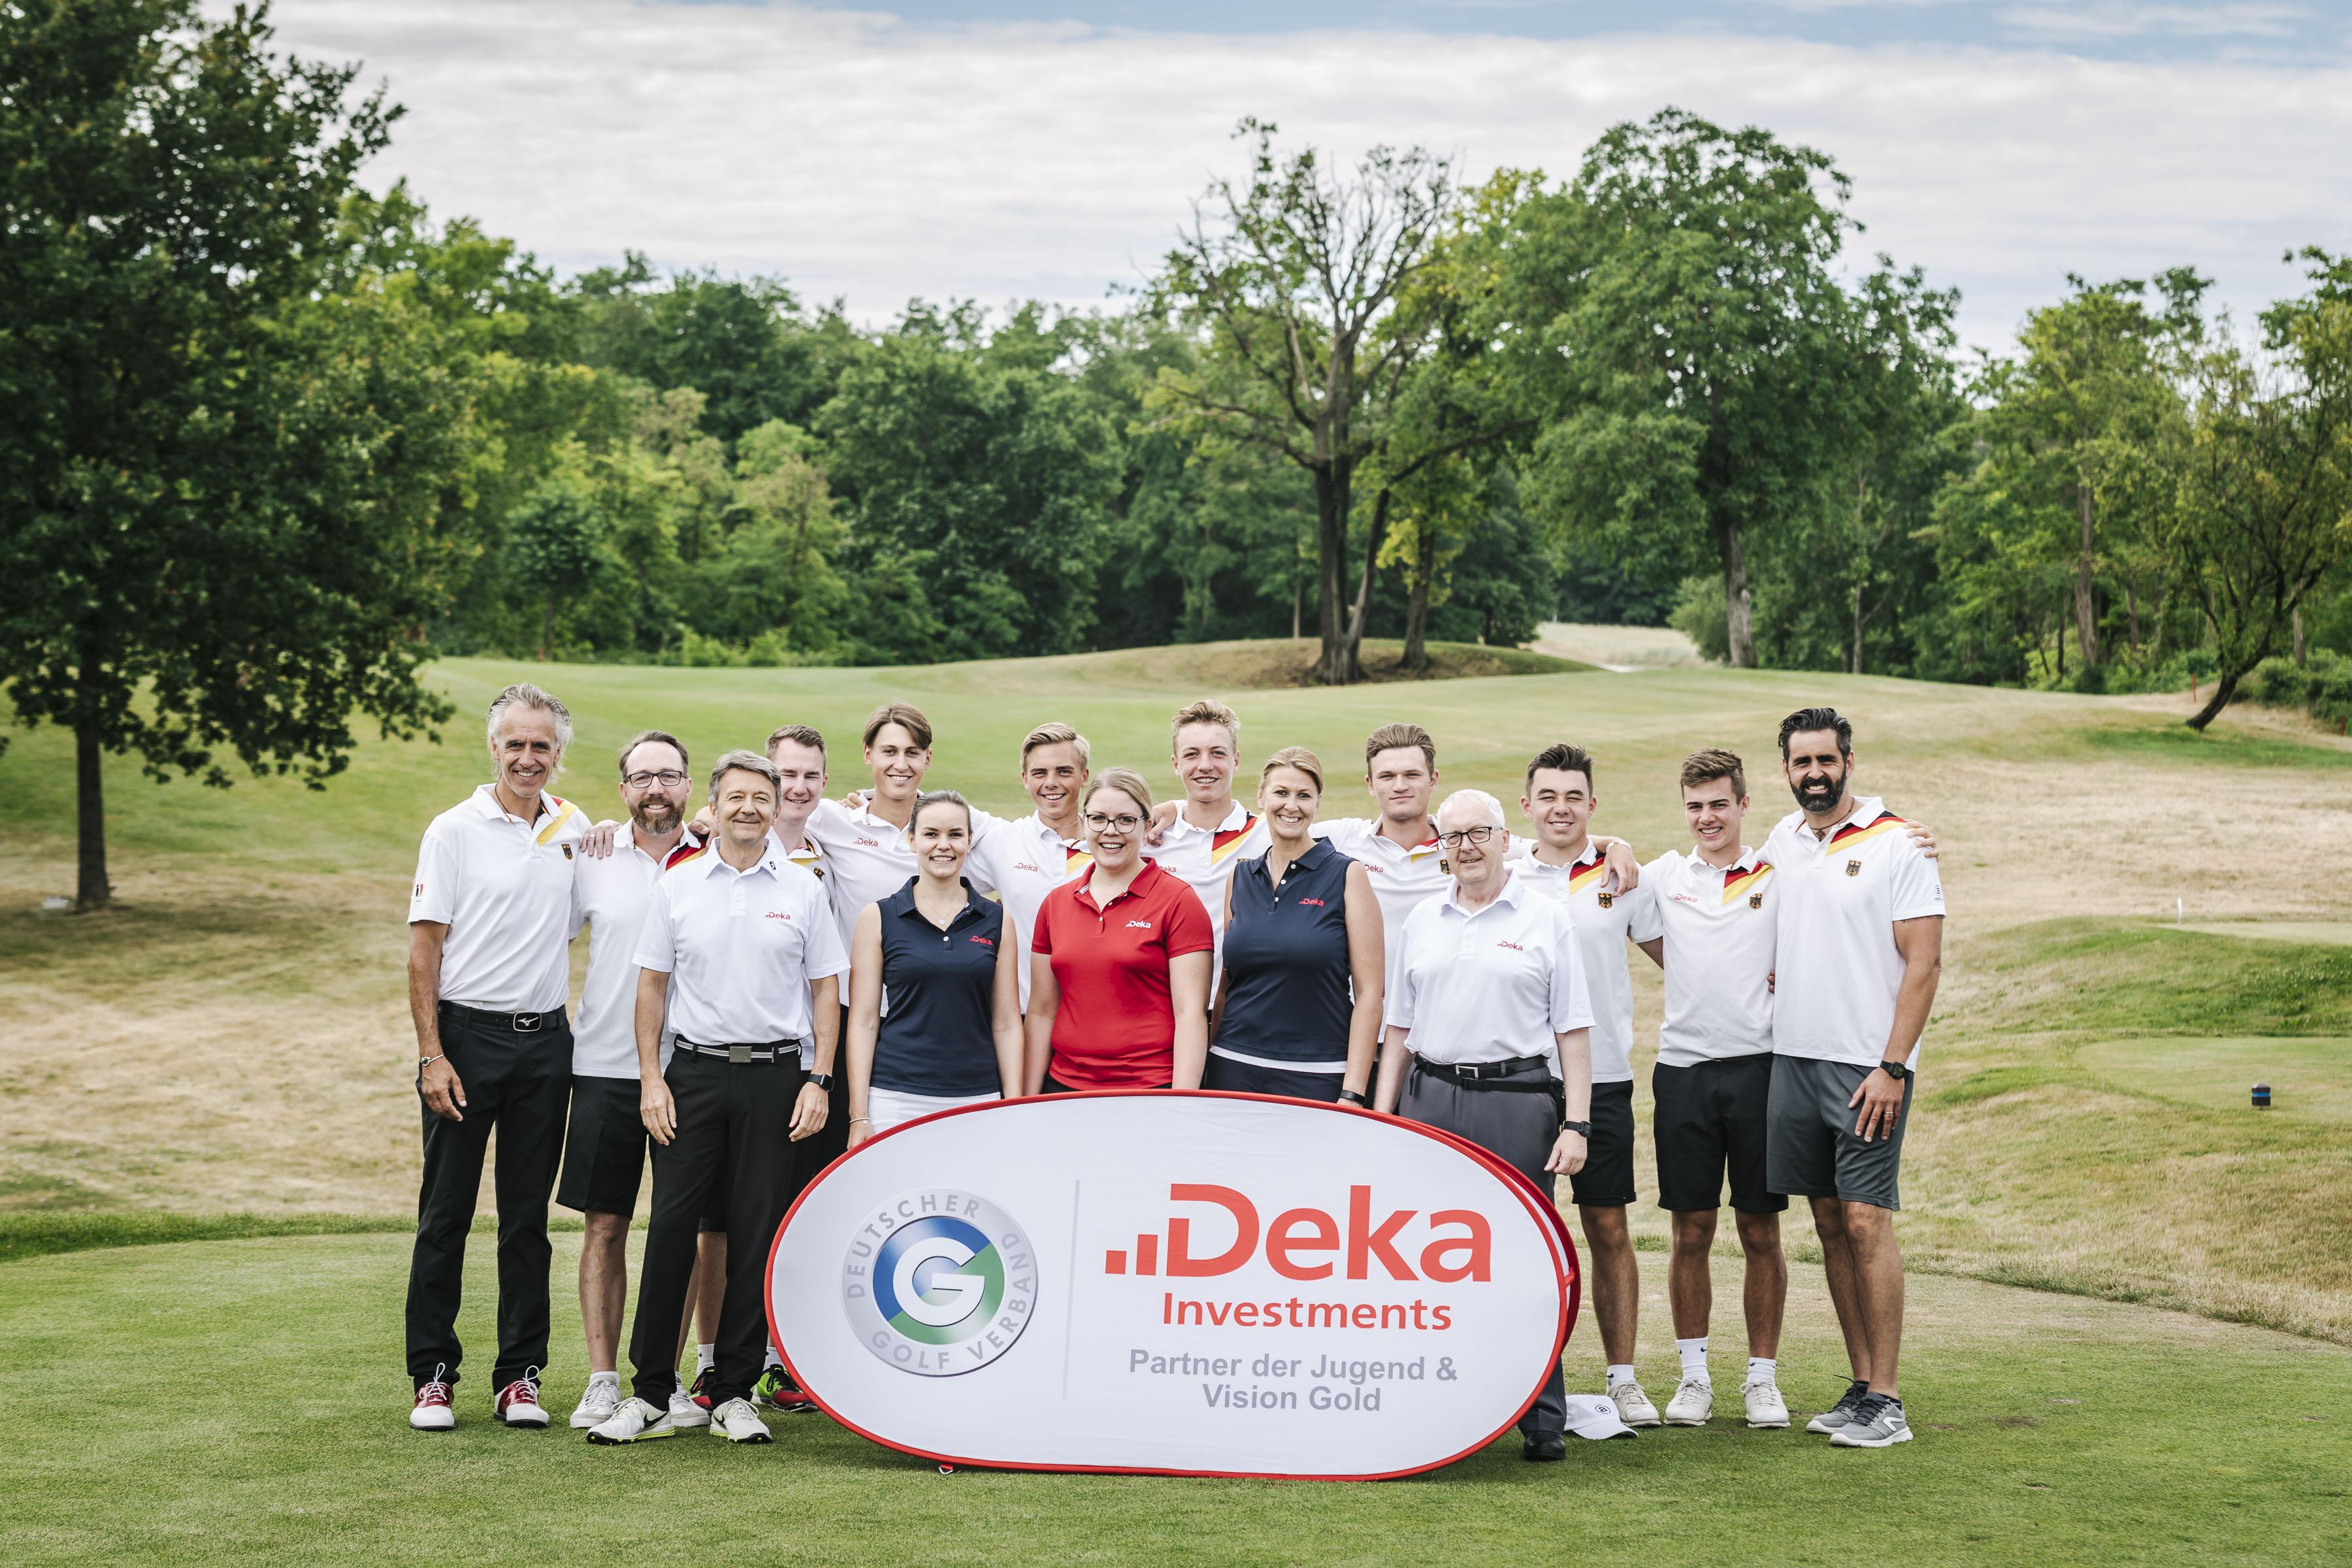 Das Junior Team Germany unterstützt von der Deka